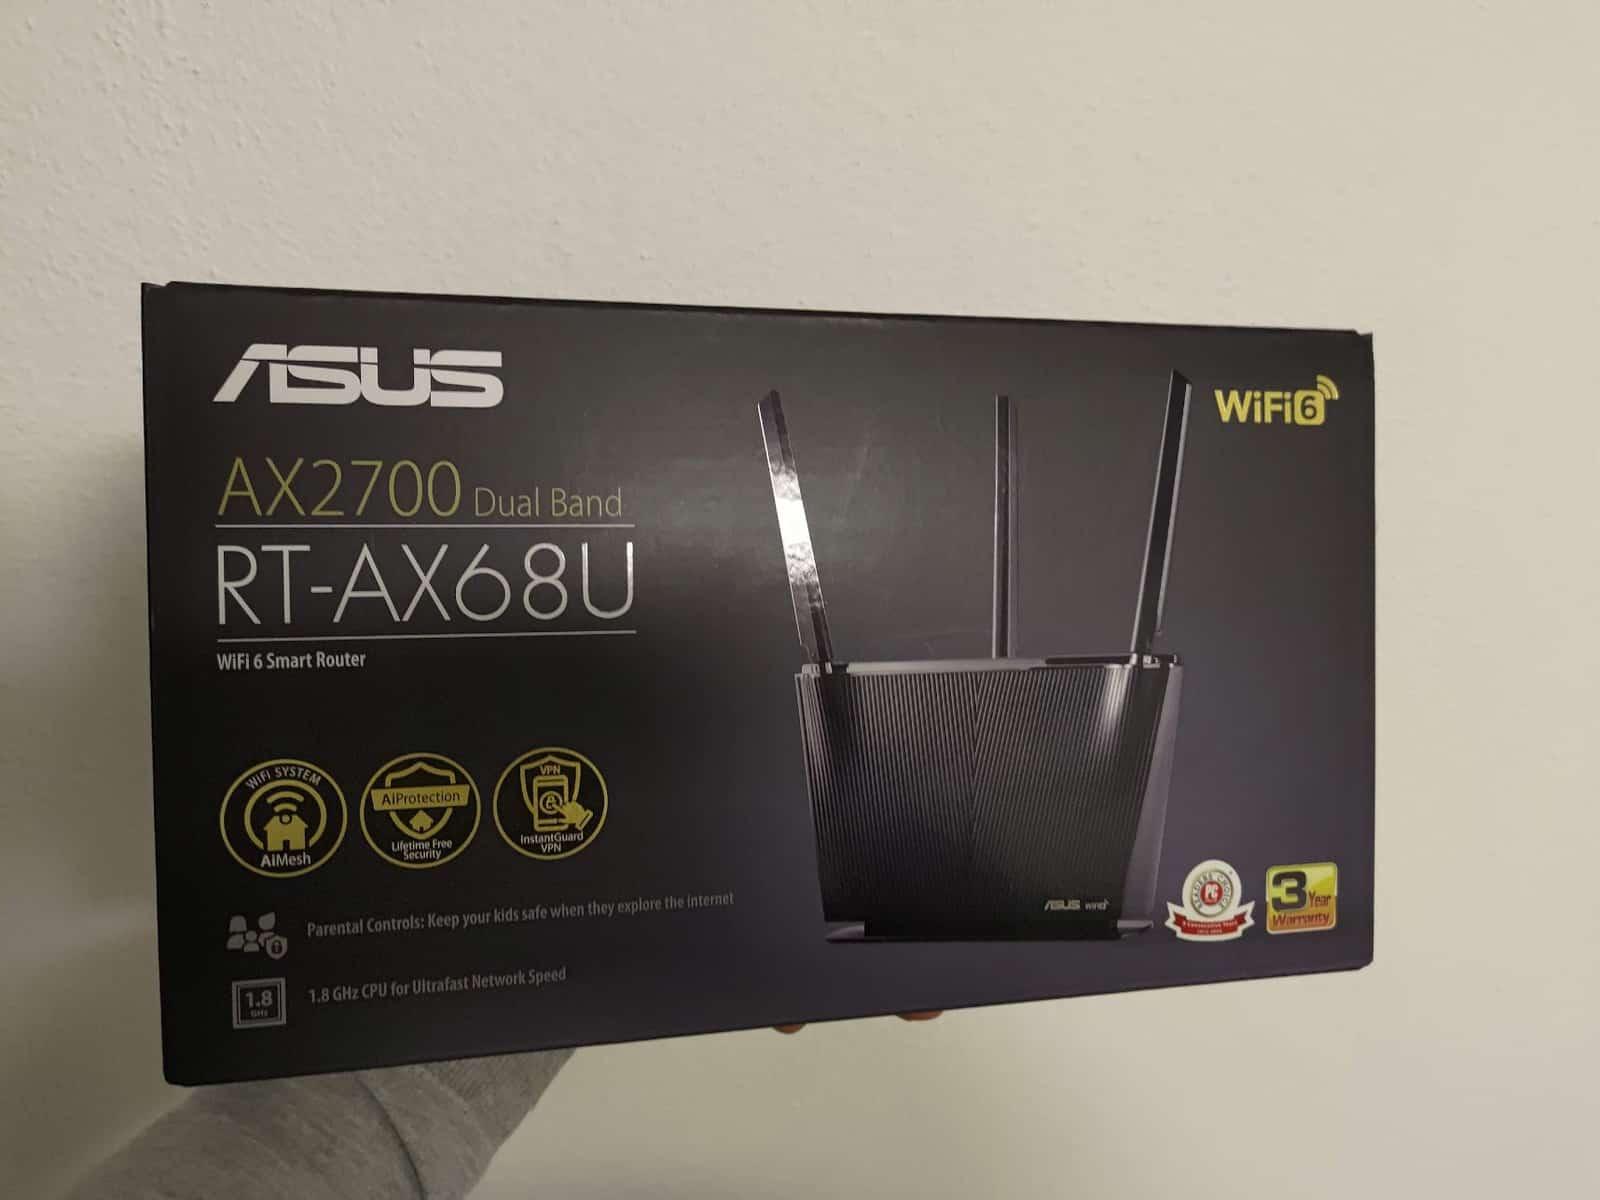 ASUS RT-AX68U